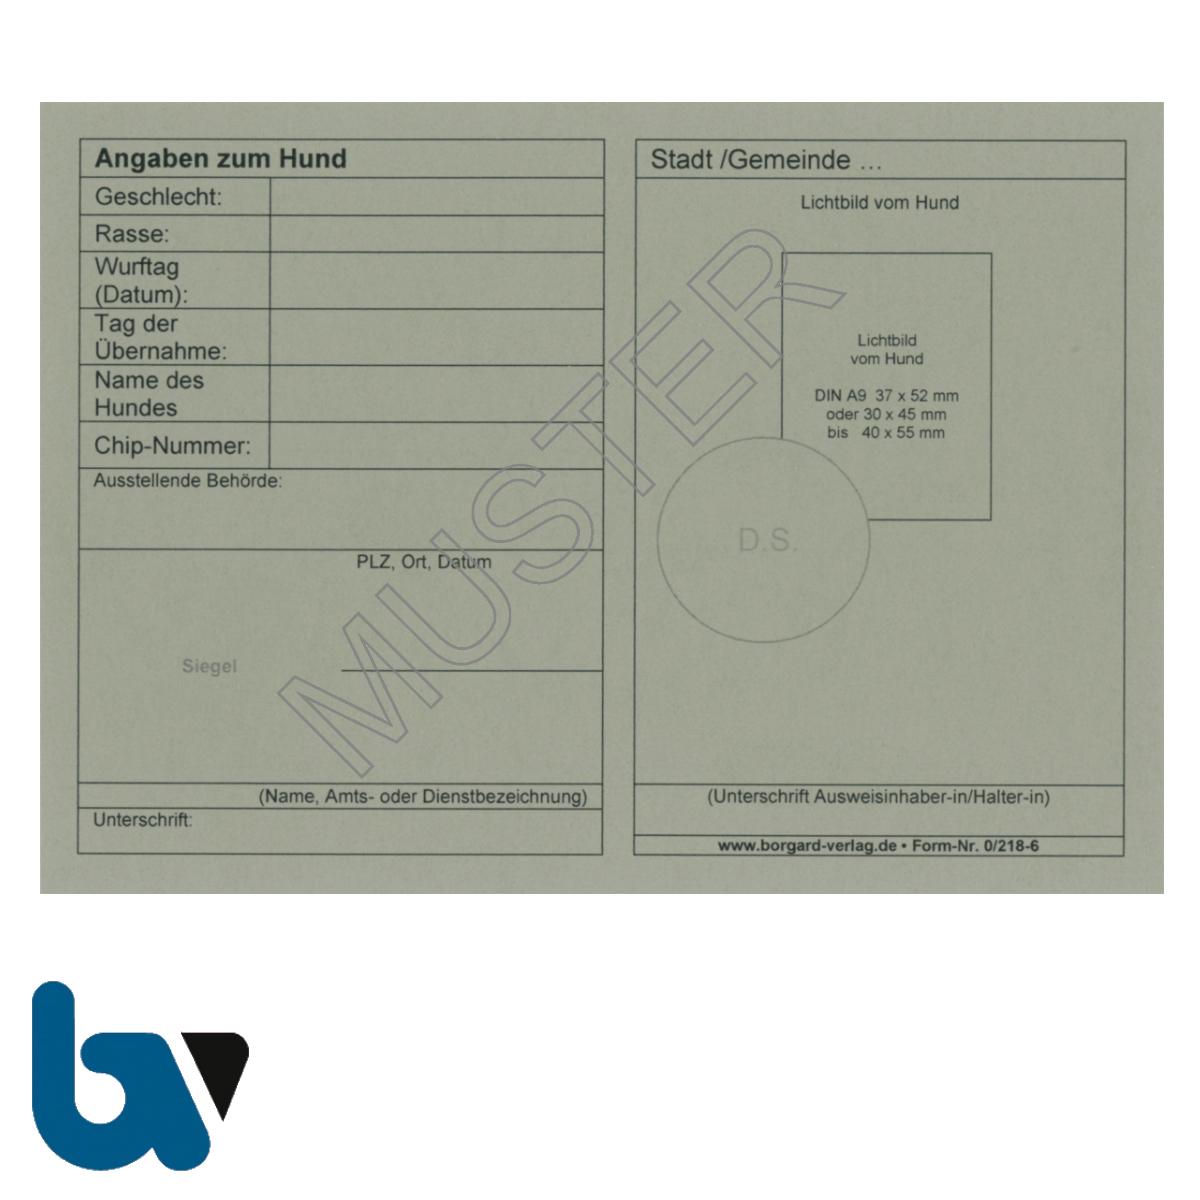 0/218-6 Ausweis Haltung Führung gefährlich Hund neutral grau Neobond DIN A6 A7 Rückseite   Borgard Verlag GmbH